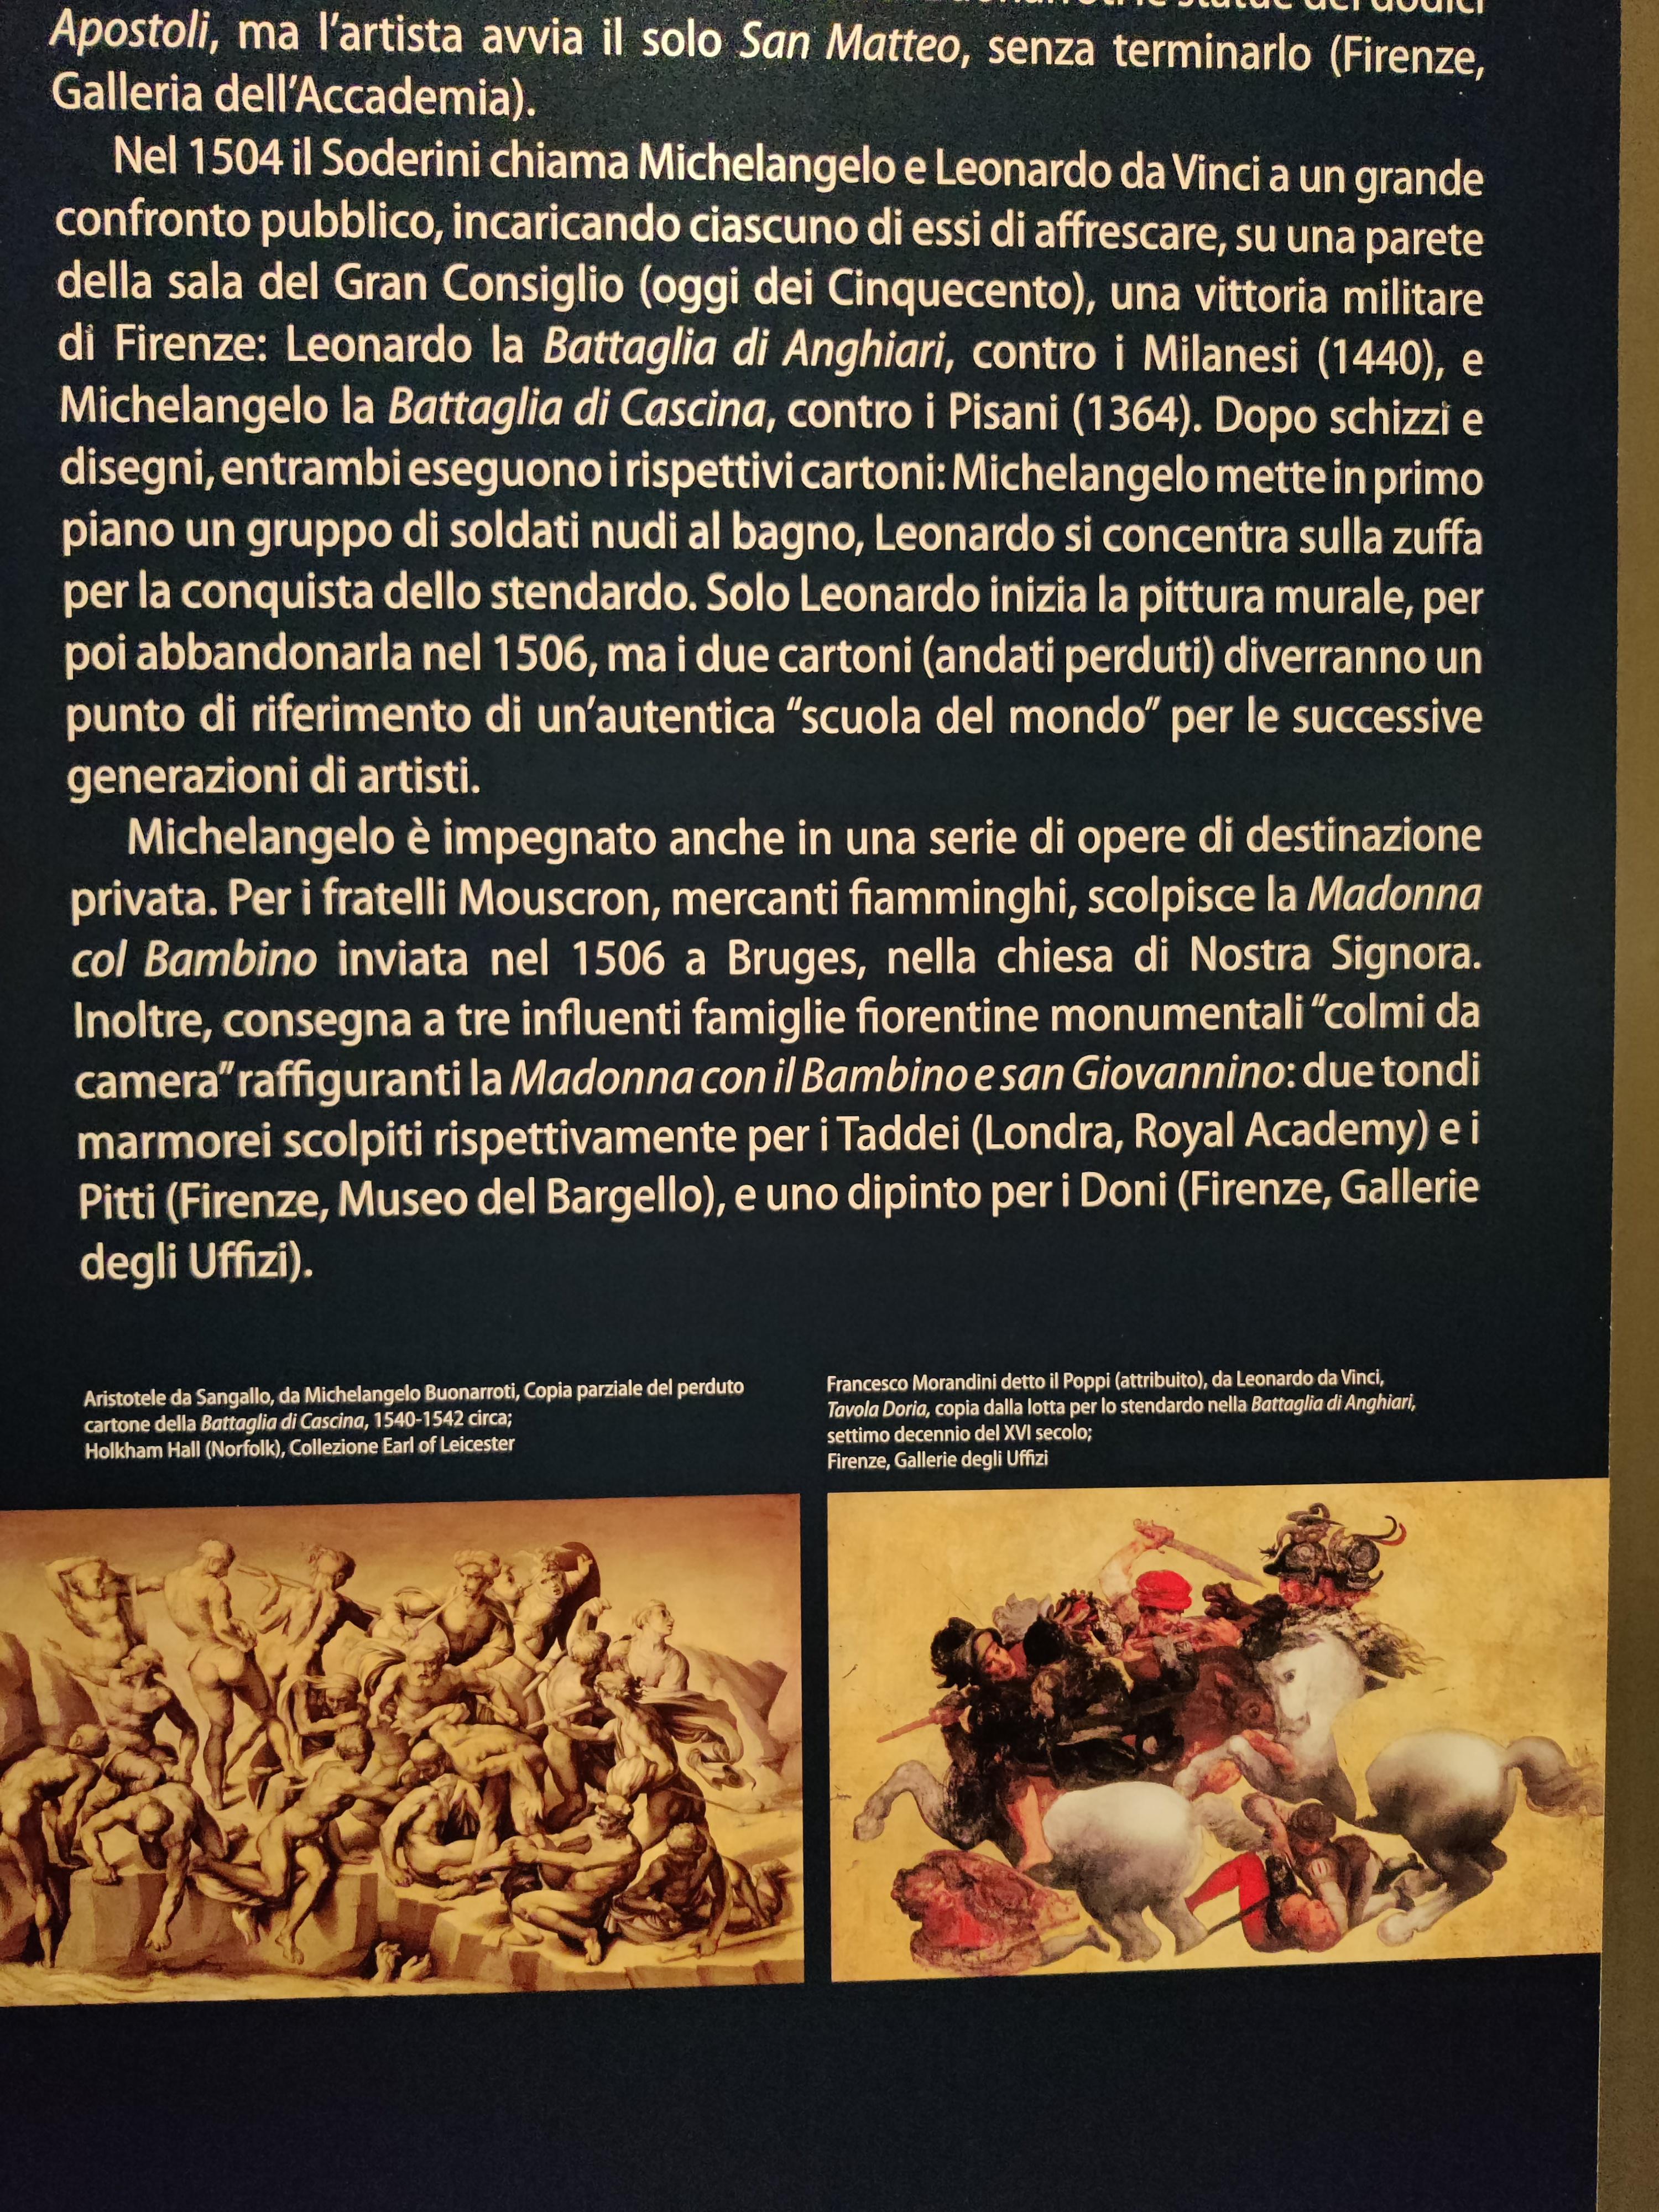 История великого соревнования между Микеланджело и Леонардо. Когда им обоим одновременно был сделан заказ на фрески: Леонардо должен был изобразить битву против миланцев при Ангиари, а Микеланджело битву против пизанцев в Кашине